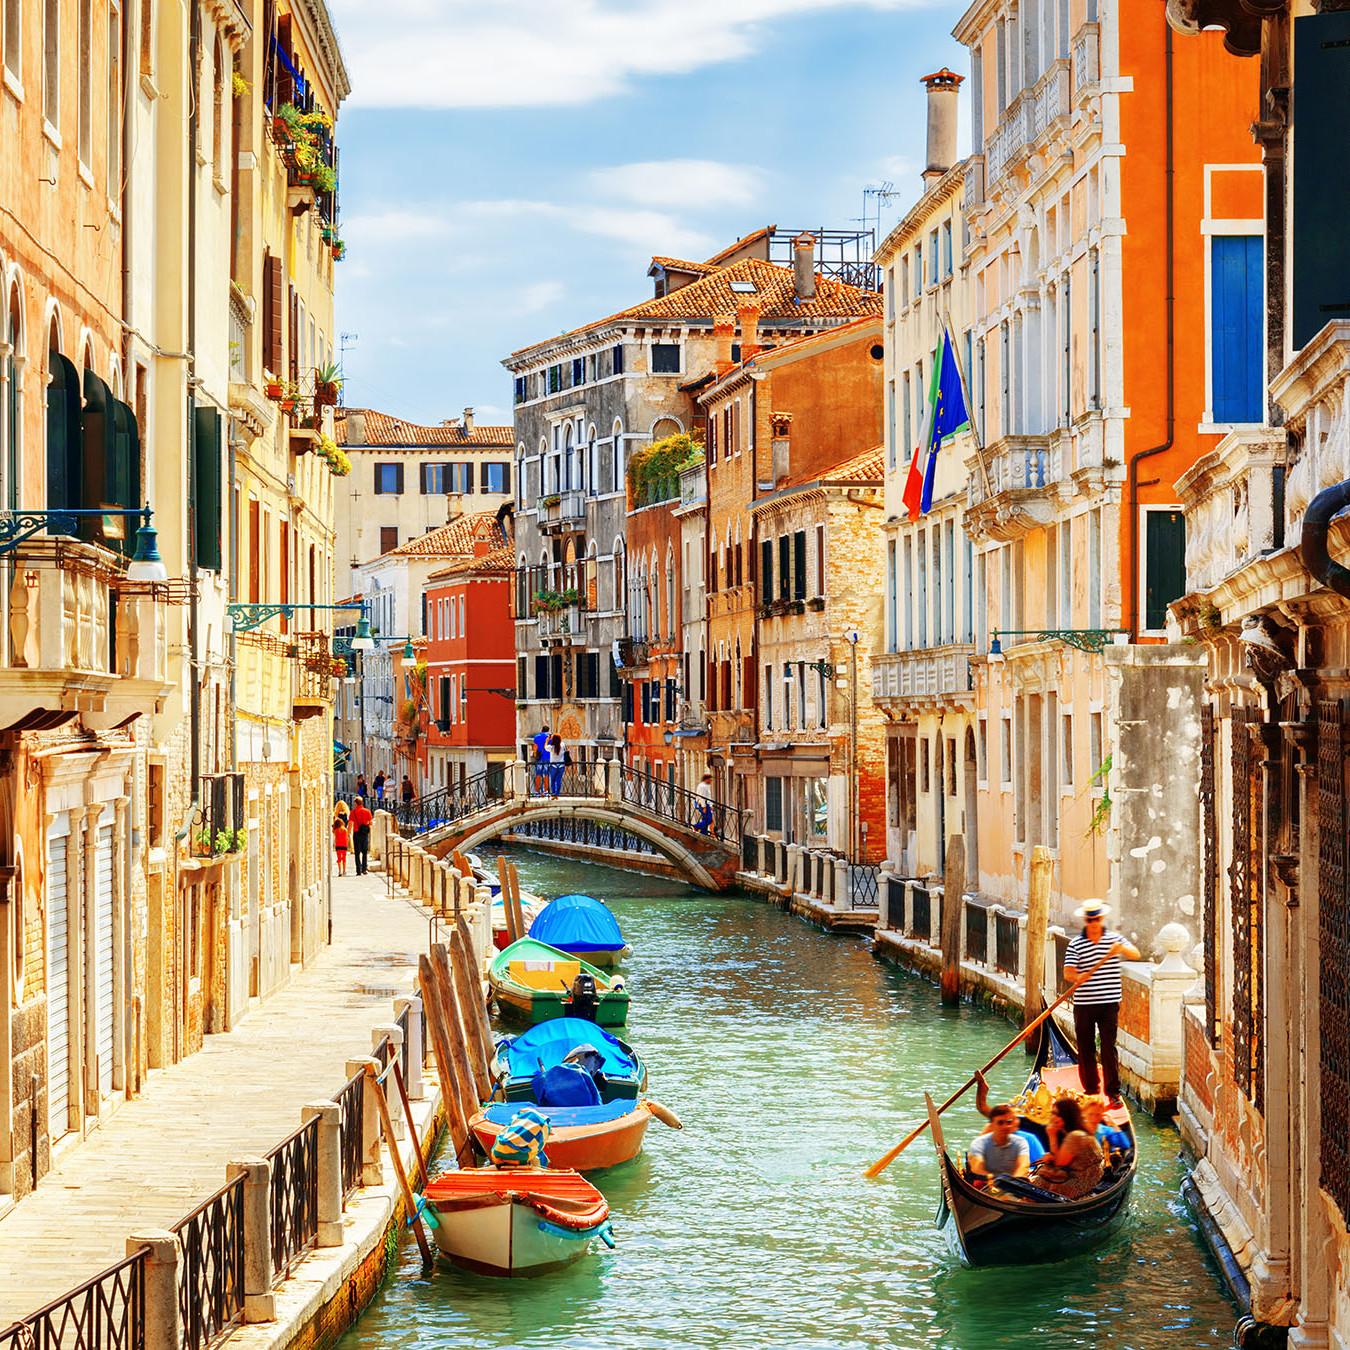 Flüge nach Venedig von Berlin, Frankfurt, Hamburg, Stuttgart und Köln (Oktober - November) hin und zurück ab 19,98€